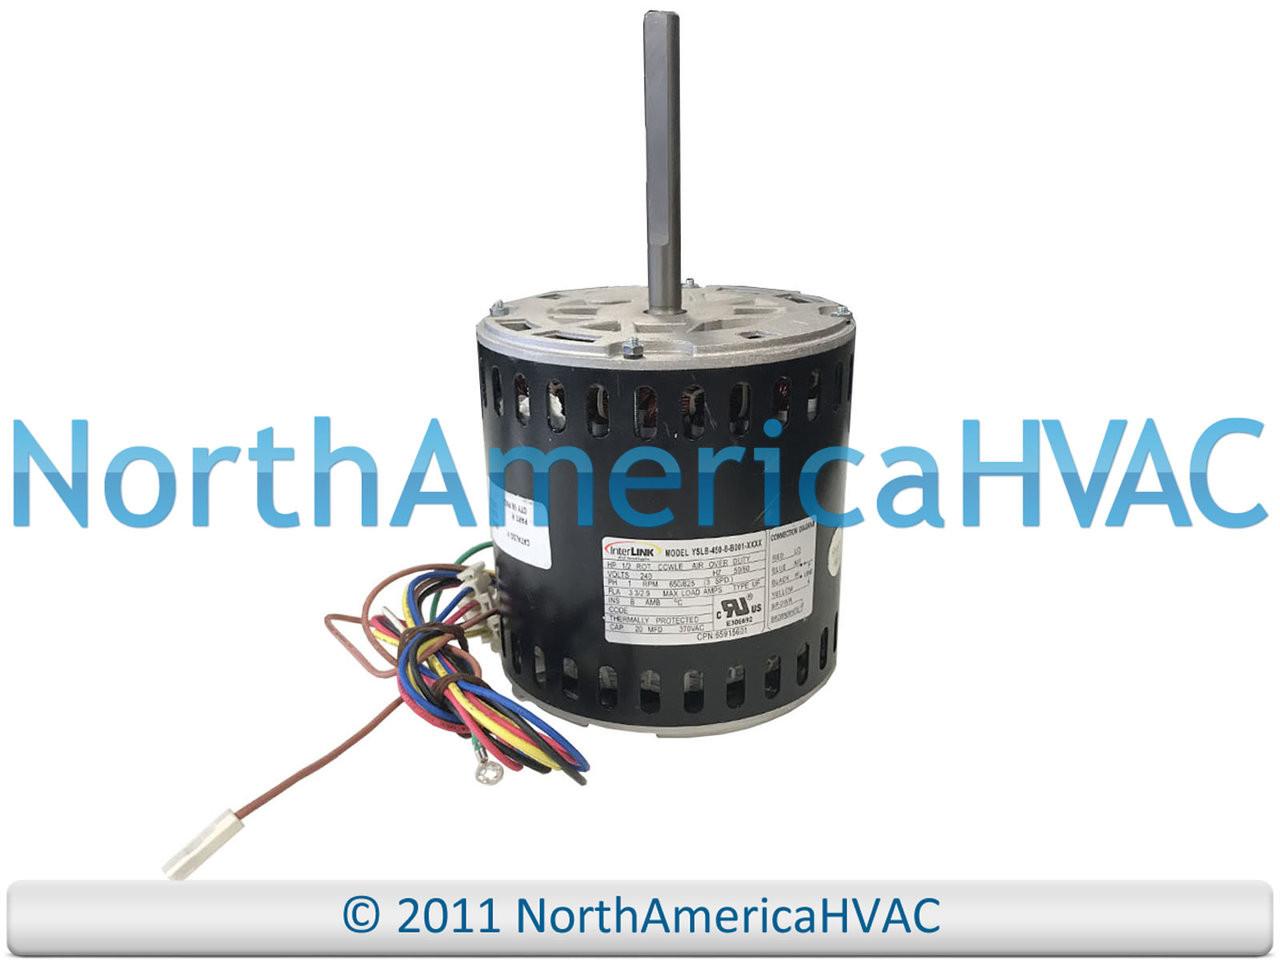 TiCN Greenfield Threading 330166 GT//VTD 5//8-11NC SPGP H3 3F GP Plug Spiral Point Tap